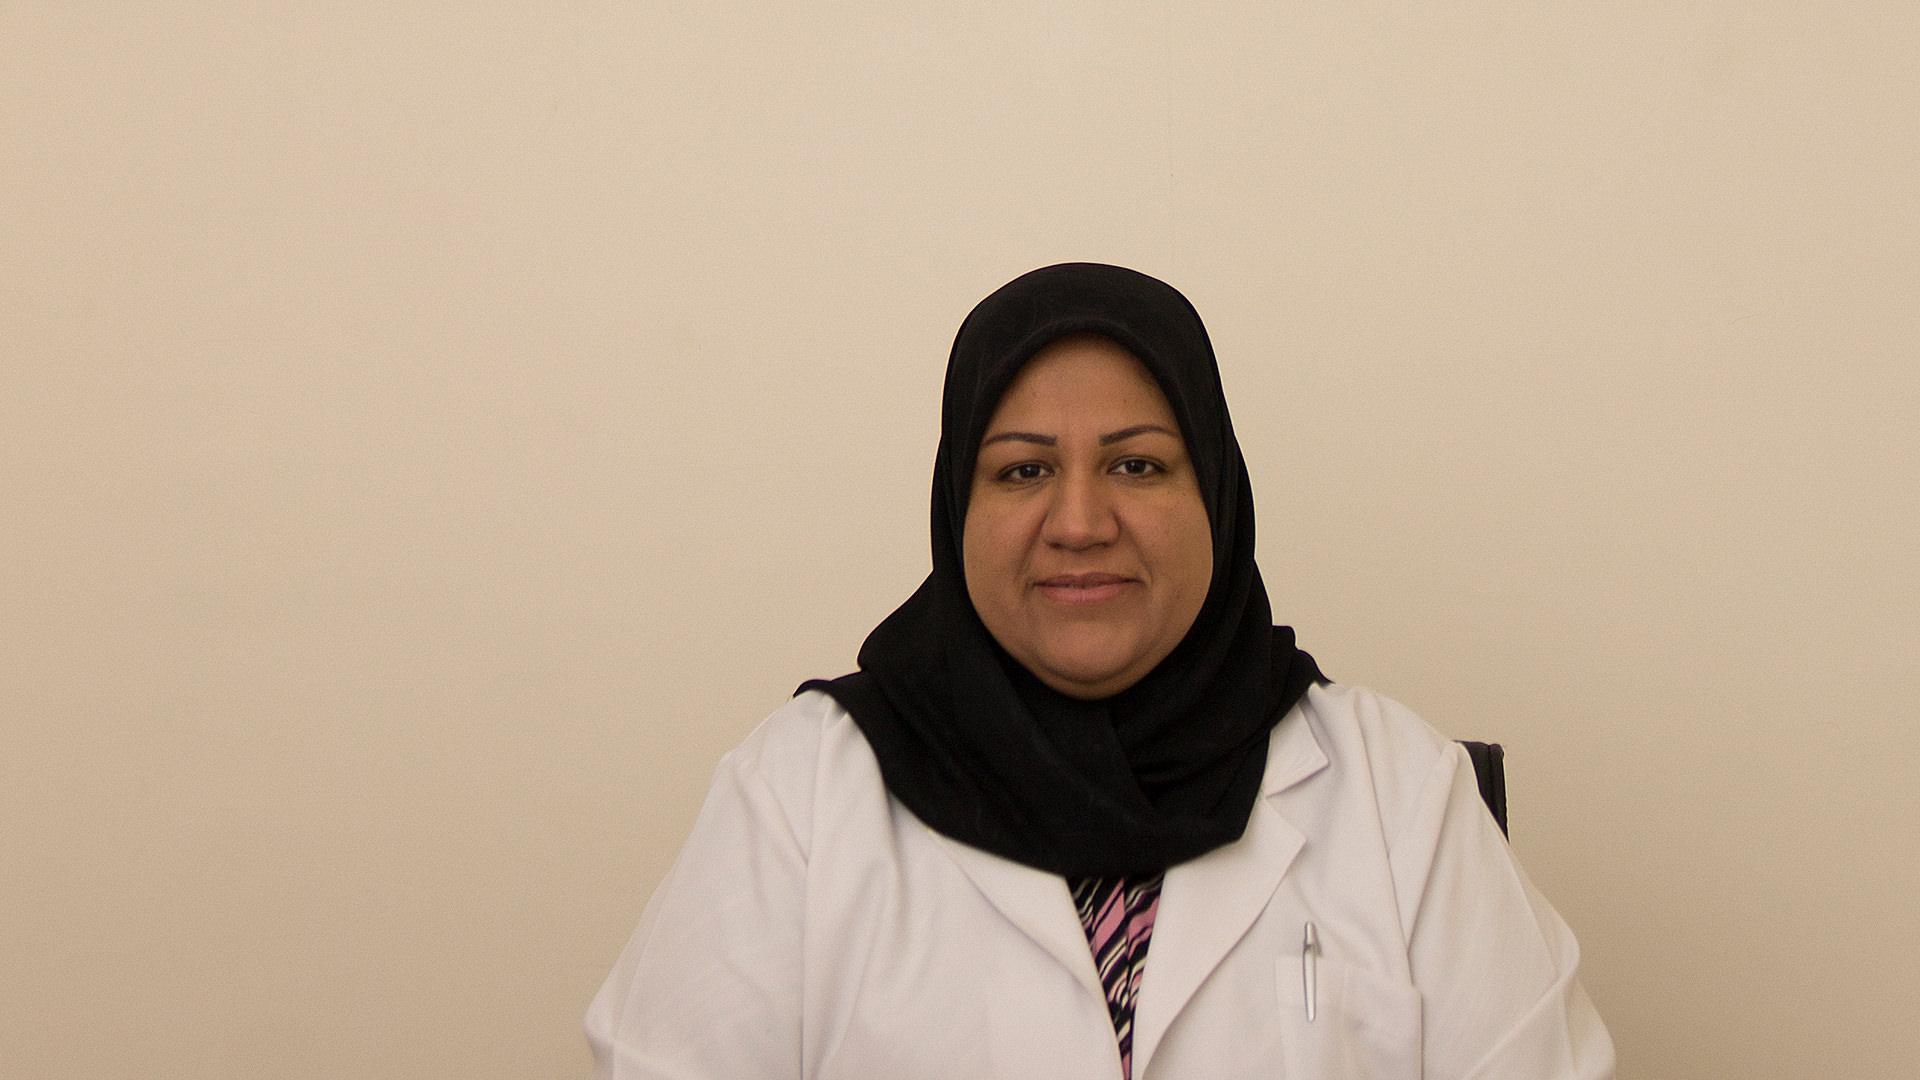 Dr. Mona Marhoon